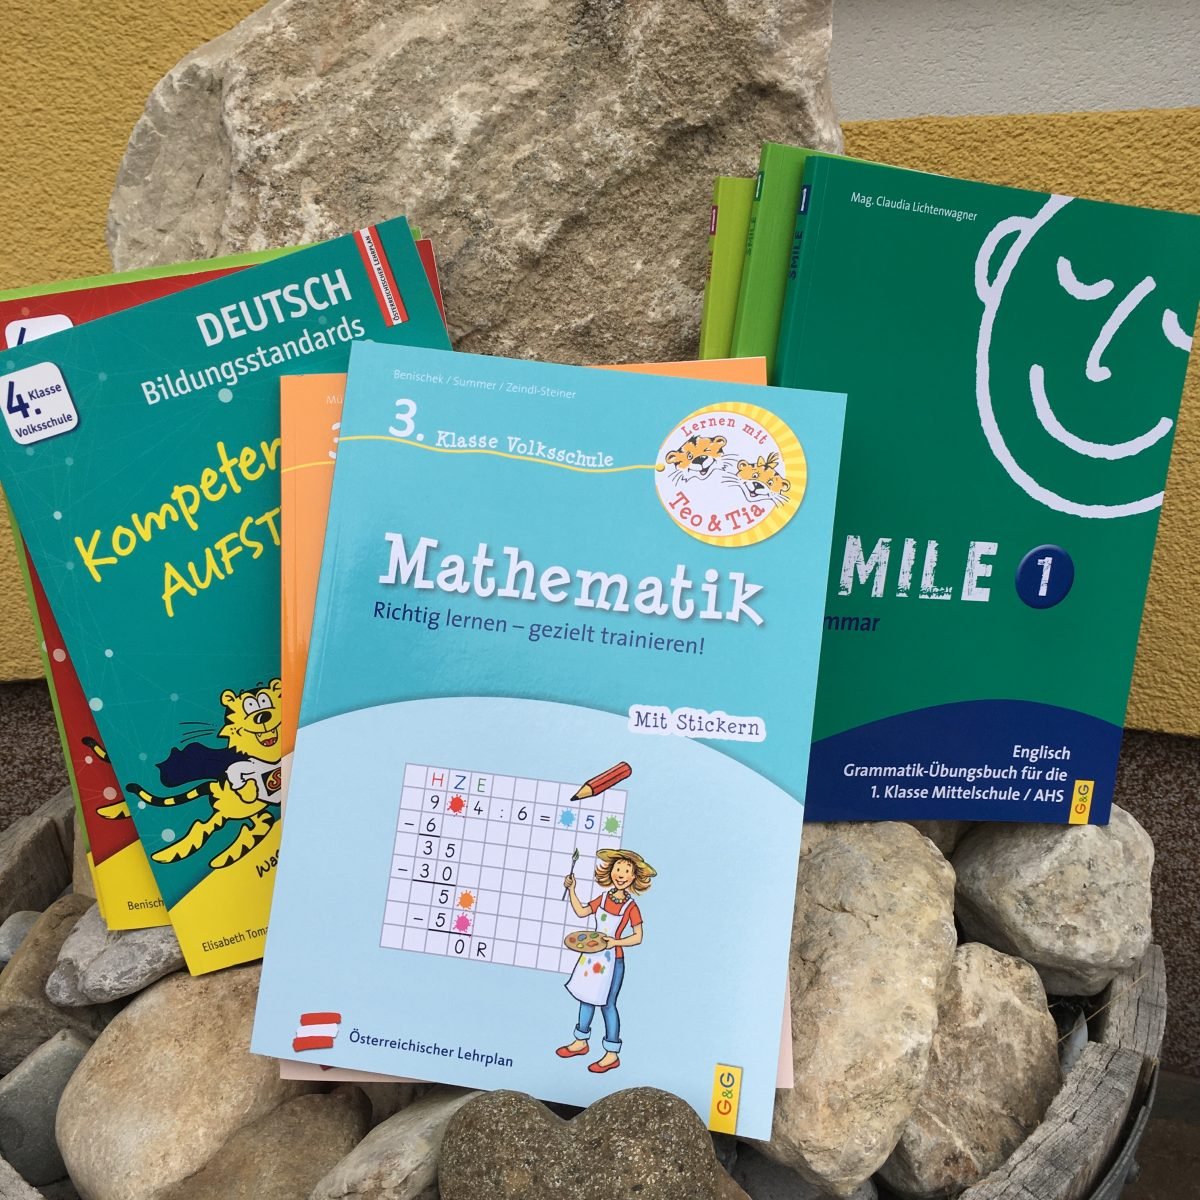 Lernhilfen, Übungsmaterial und Ferienhefte für den österreichischen Lehrplan